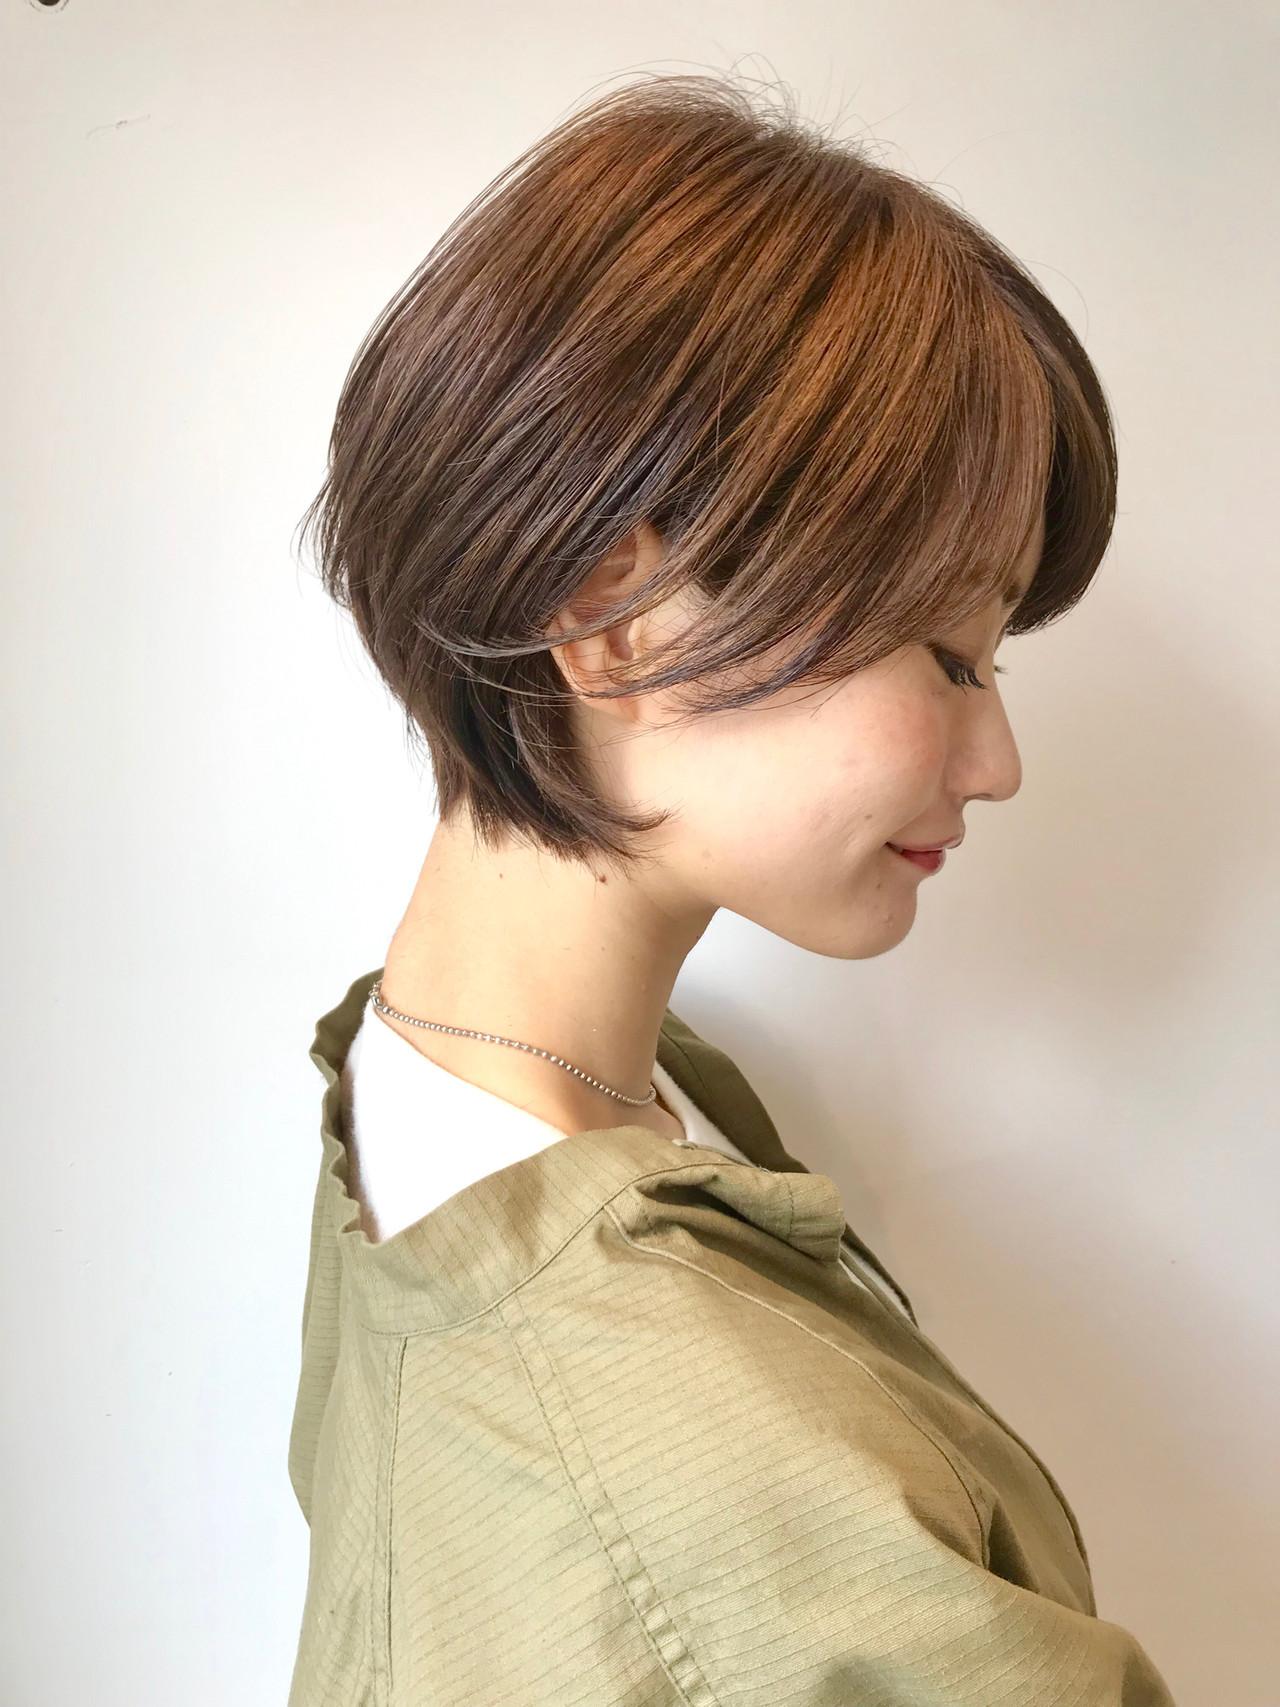 小顔ショート ショートボブ ナチュラル ハンサムショート ヘアスタイルや髪型の写真・画像